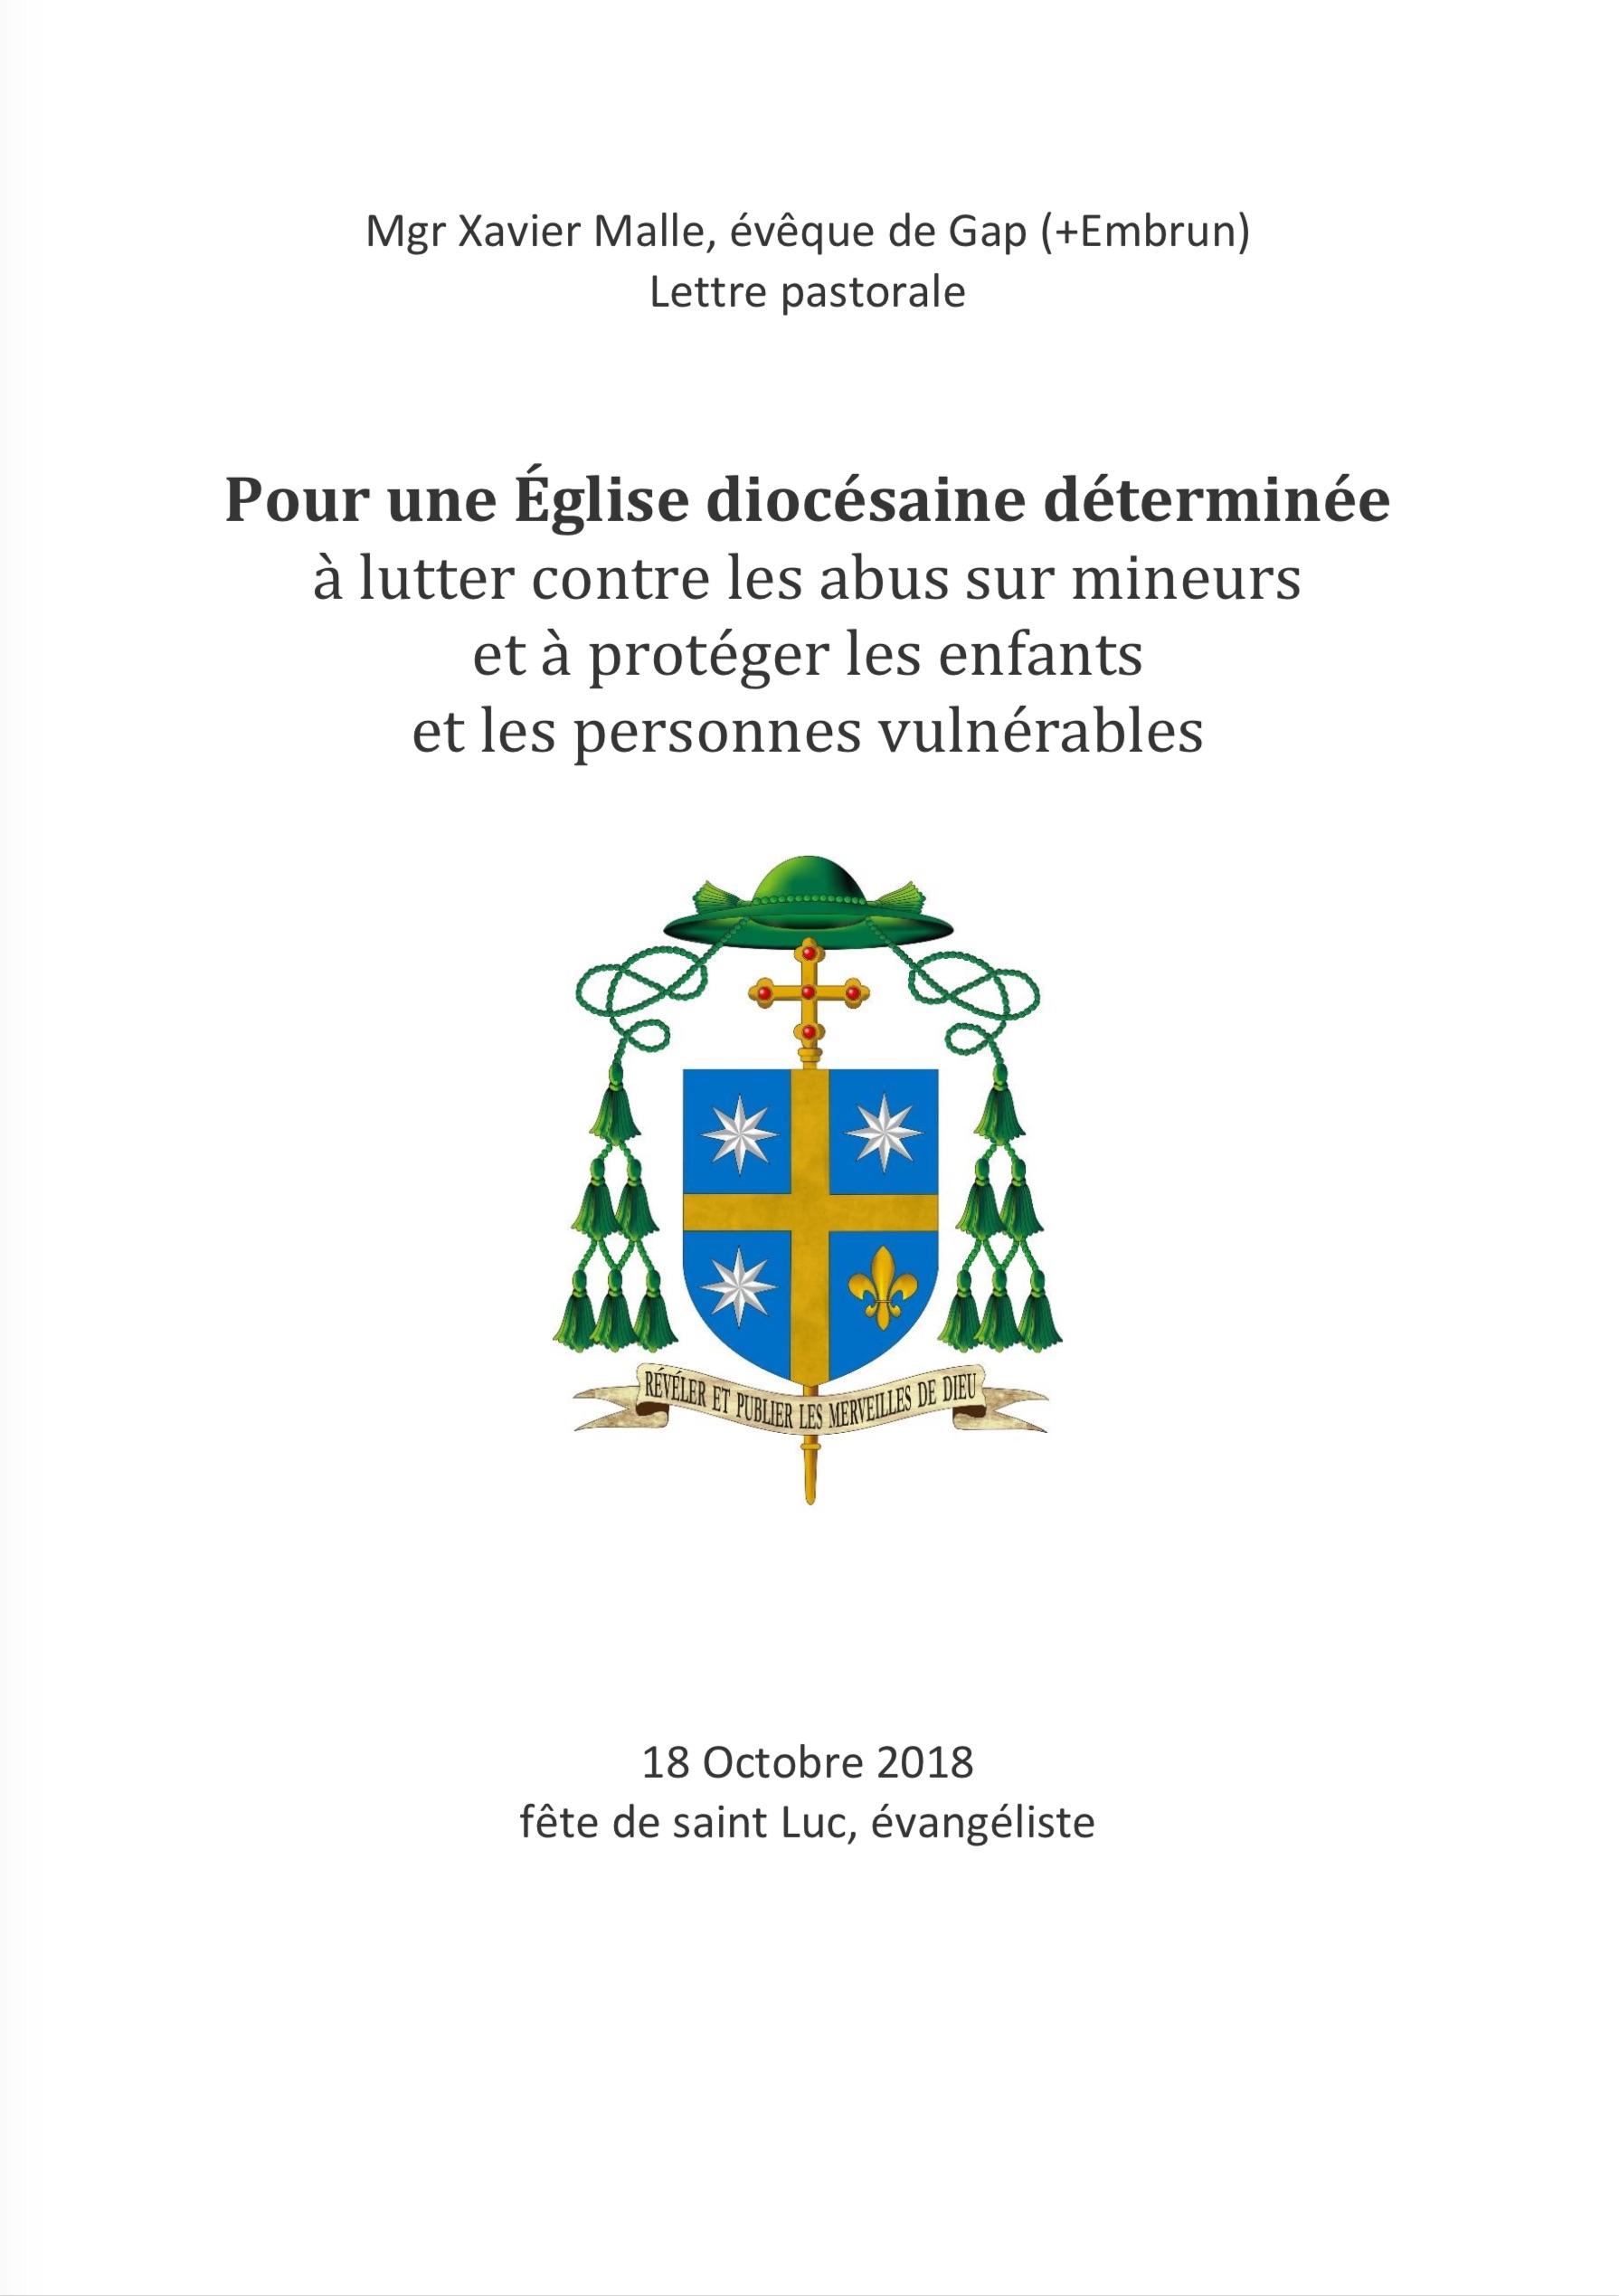 Communiqué de Mgr Xavier Malle concernant le frêre dominicain Dominique Cerbelaud